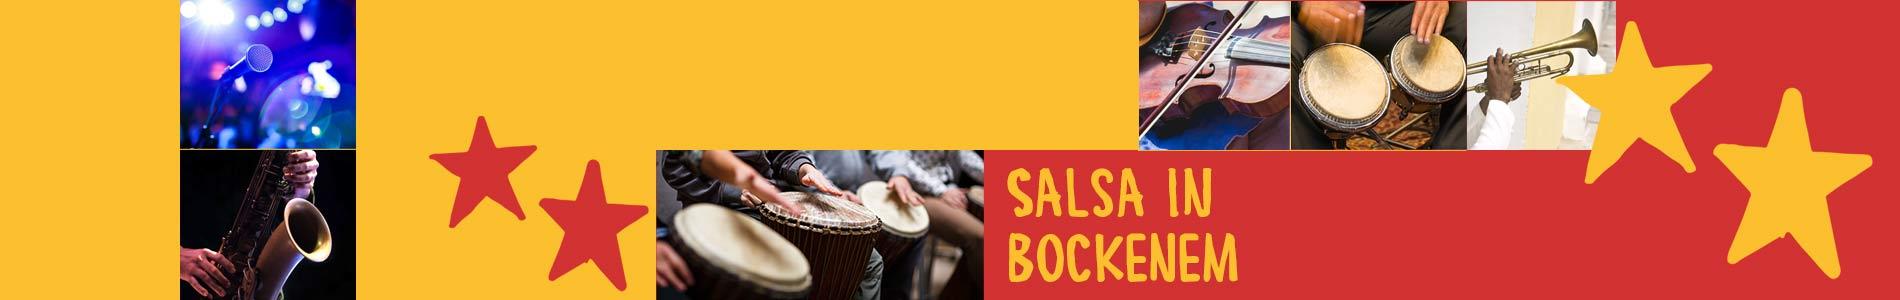 Salsa in Bockenem – Salsa lernen und tanzen, Tanzkurse, Partys, Veranstaltungen